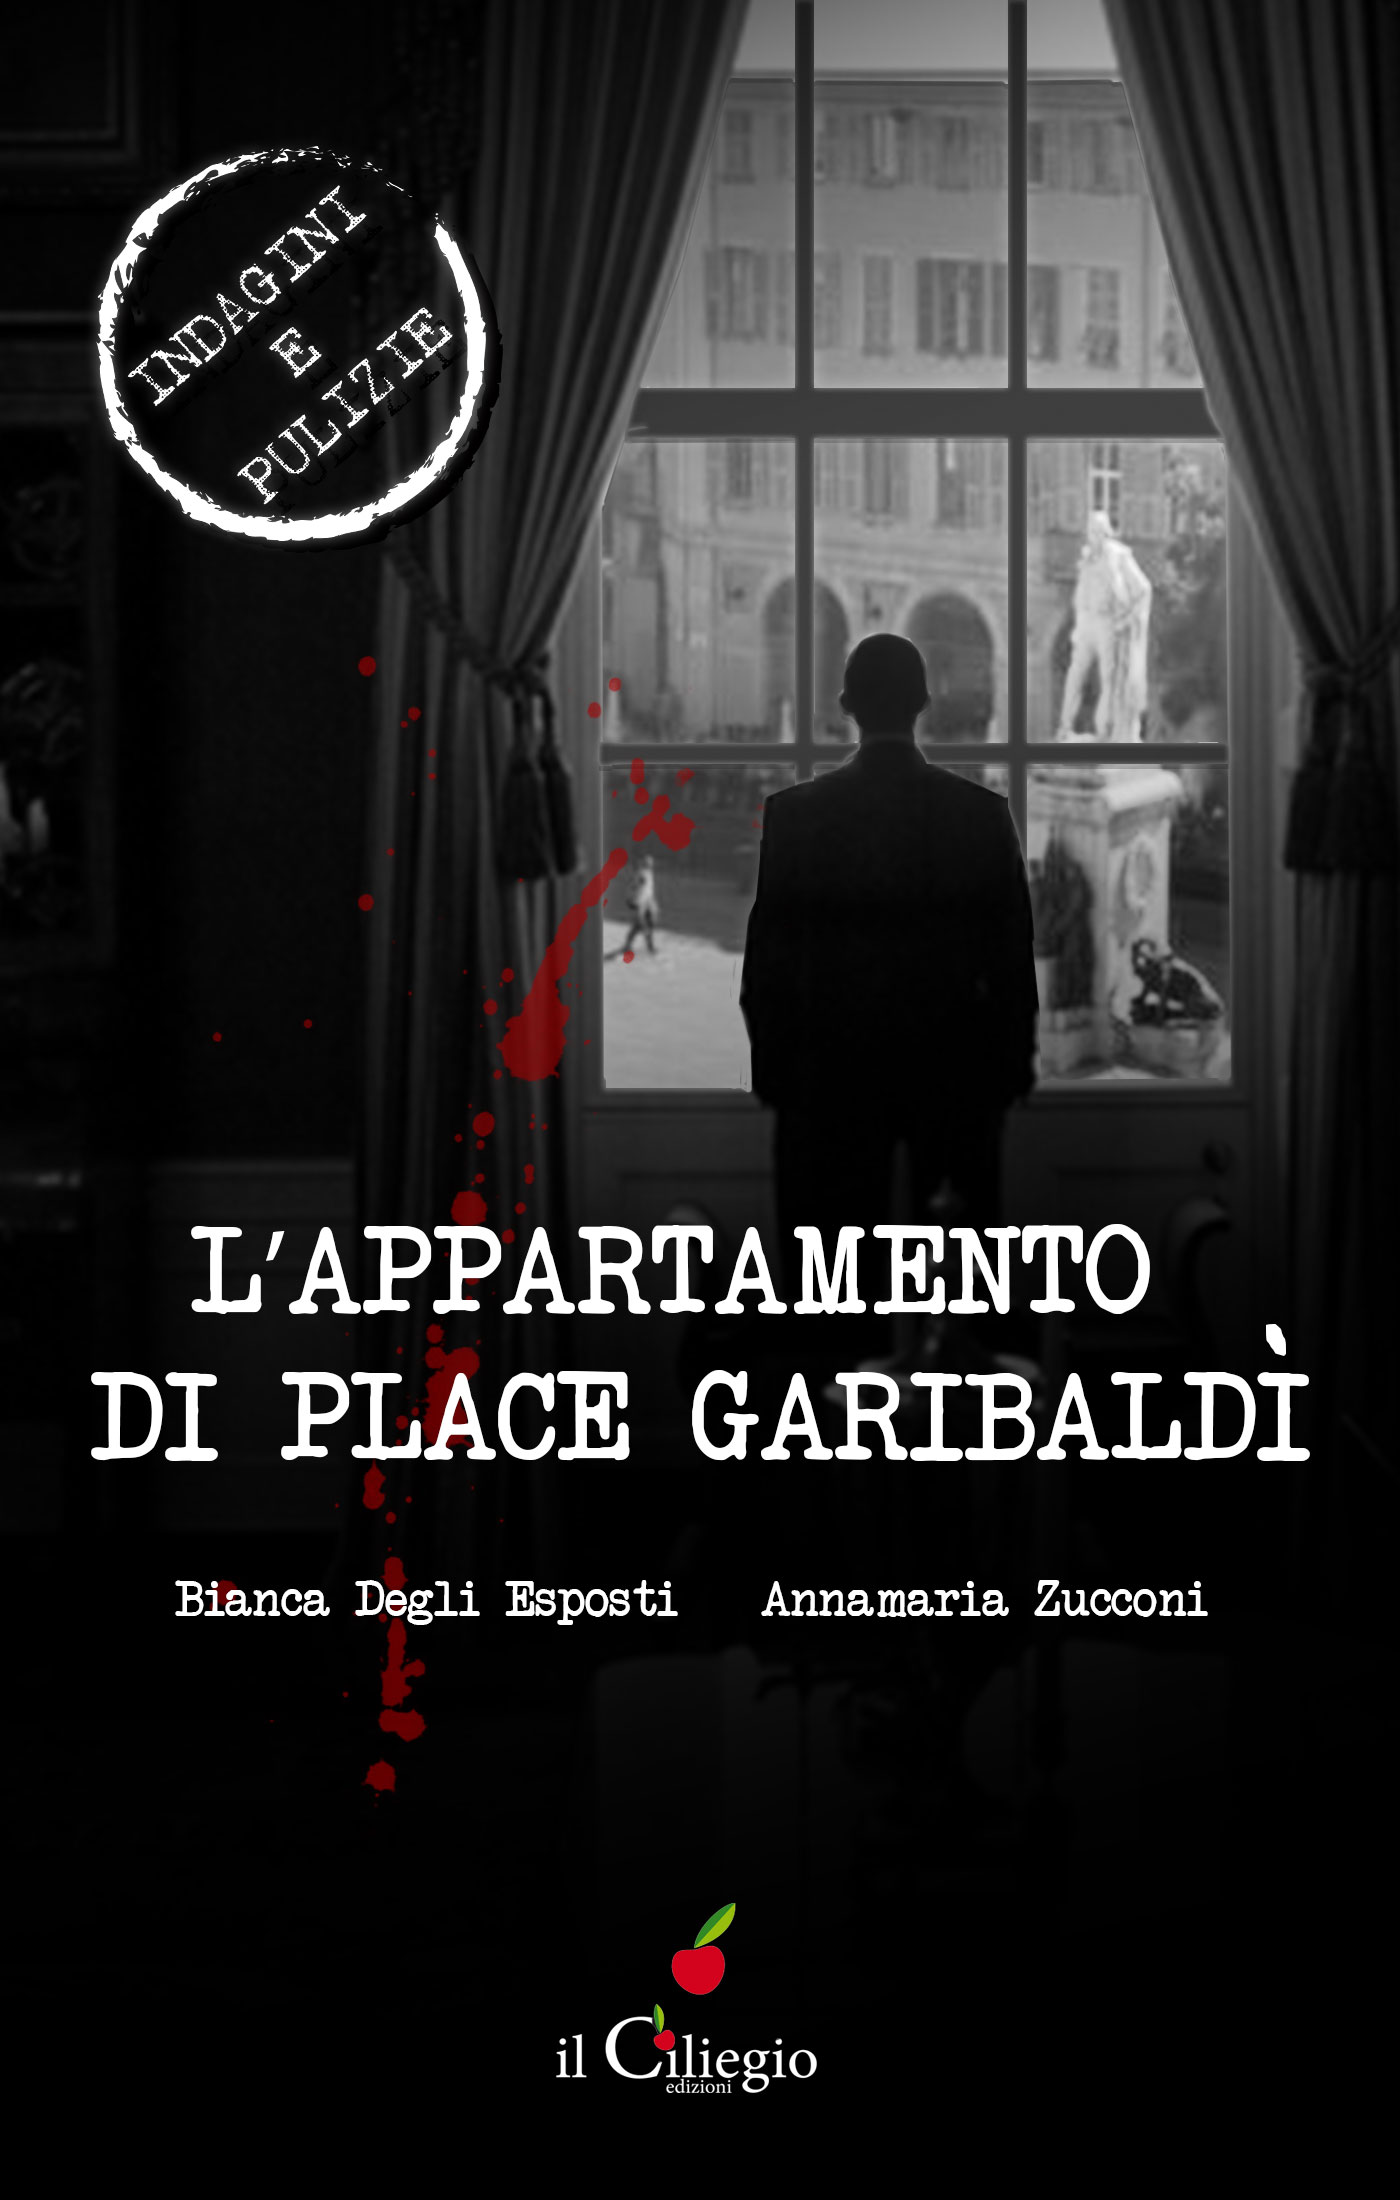 L'appartamento di Place Garibaldì